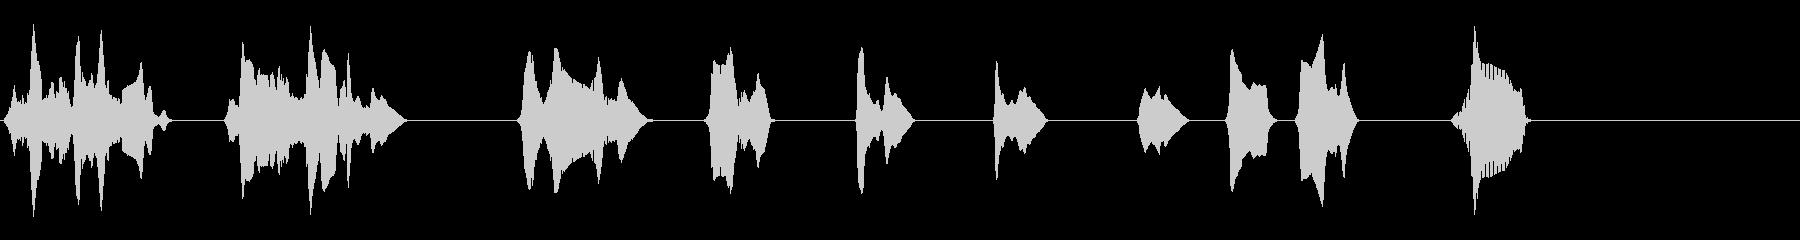 イングリッシュホーントーキング&プ...の未再生の波形